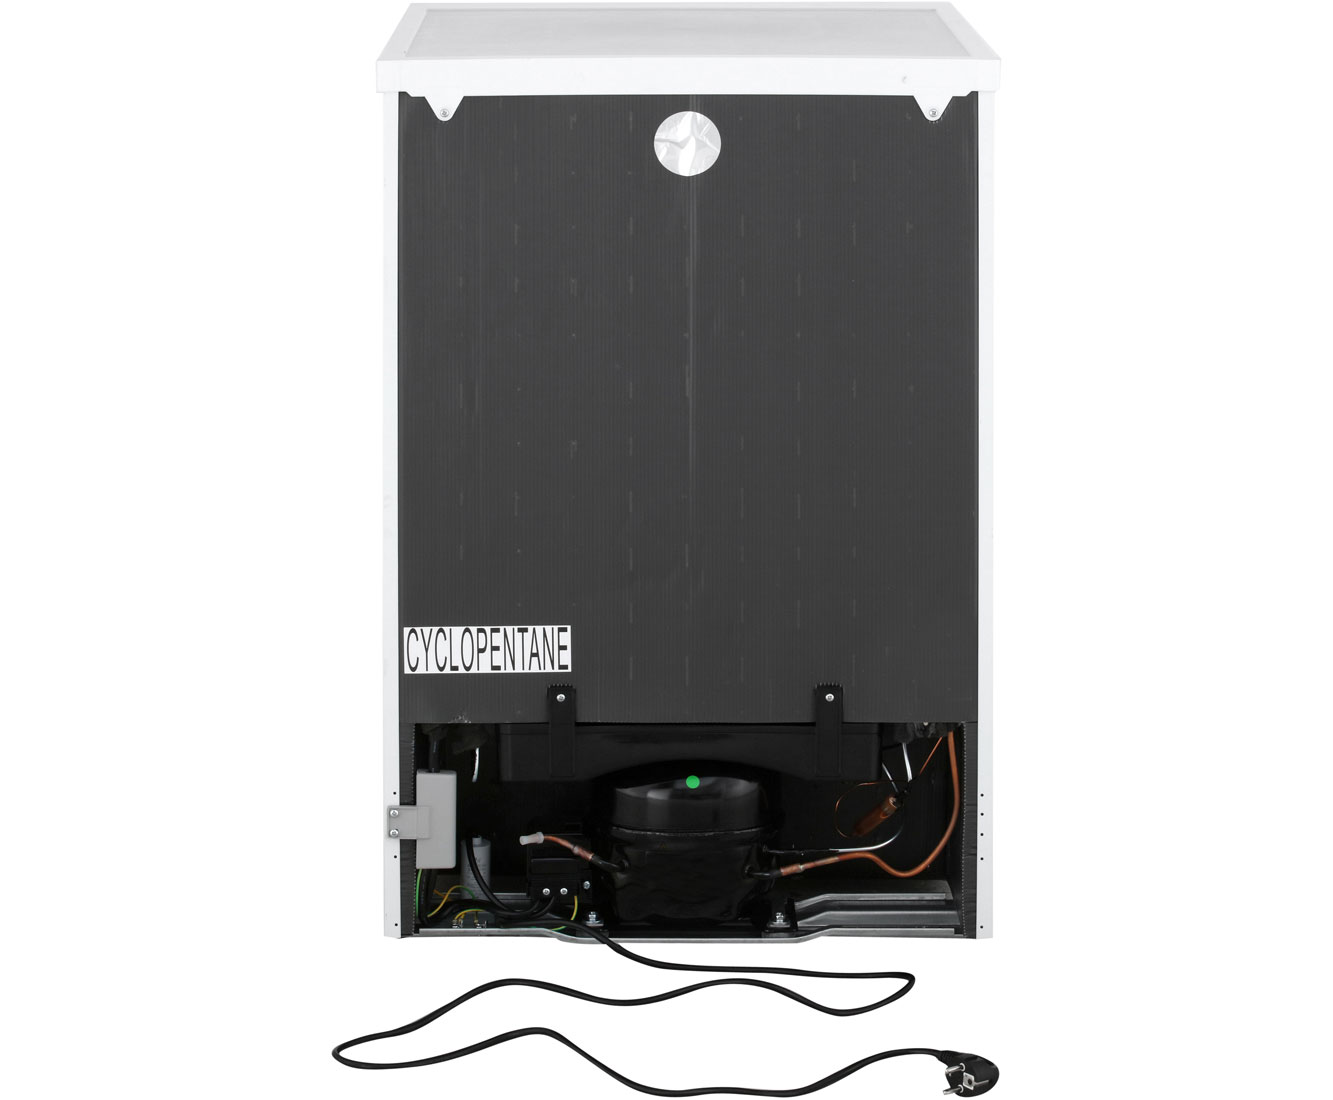 Bomann Kühlschrank Welche Stufe : Bomann ks kühlschrank freistehend cm weiss neu ebay